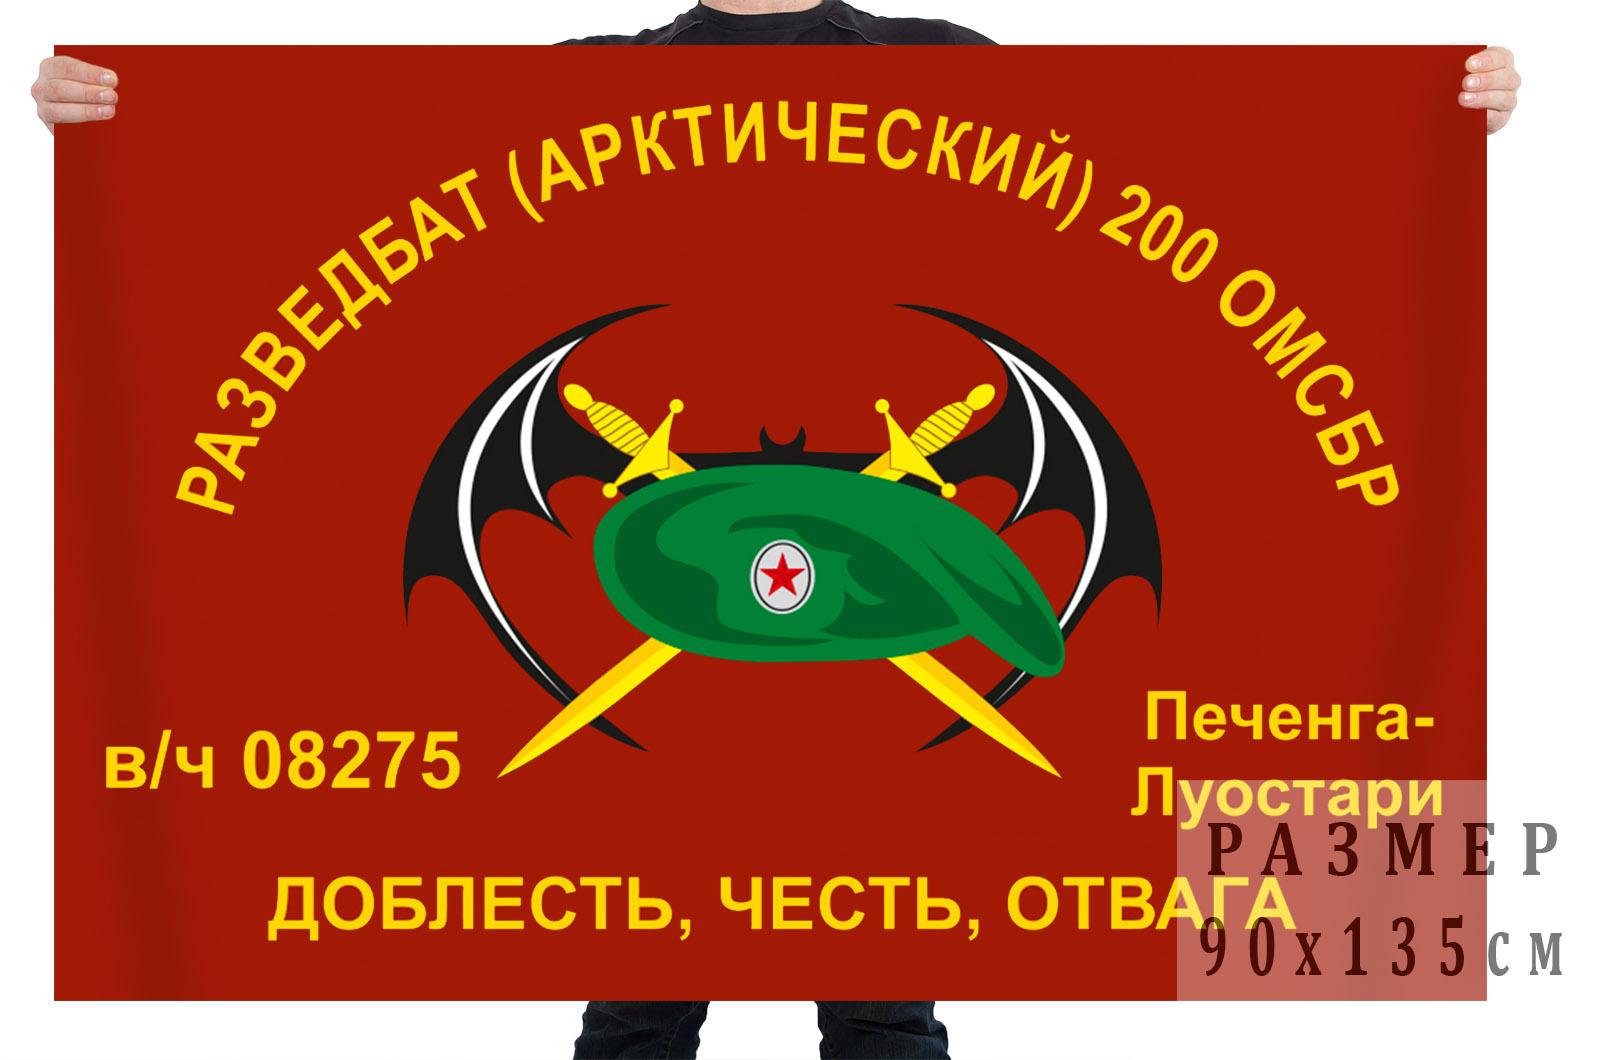 Флаг Разведбата 200 ОМсБр (а)